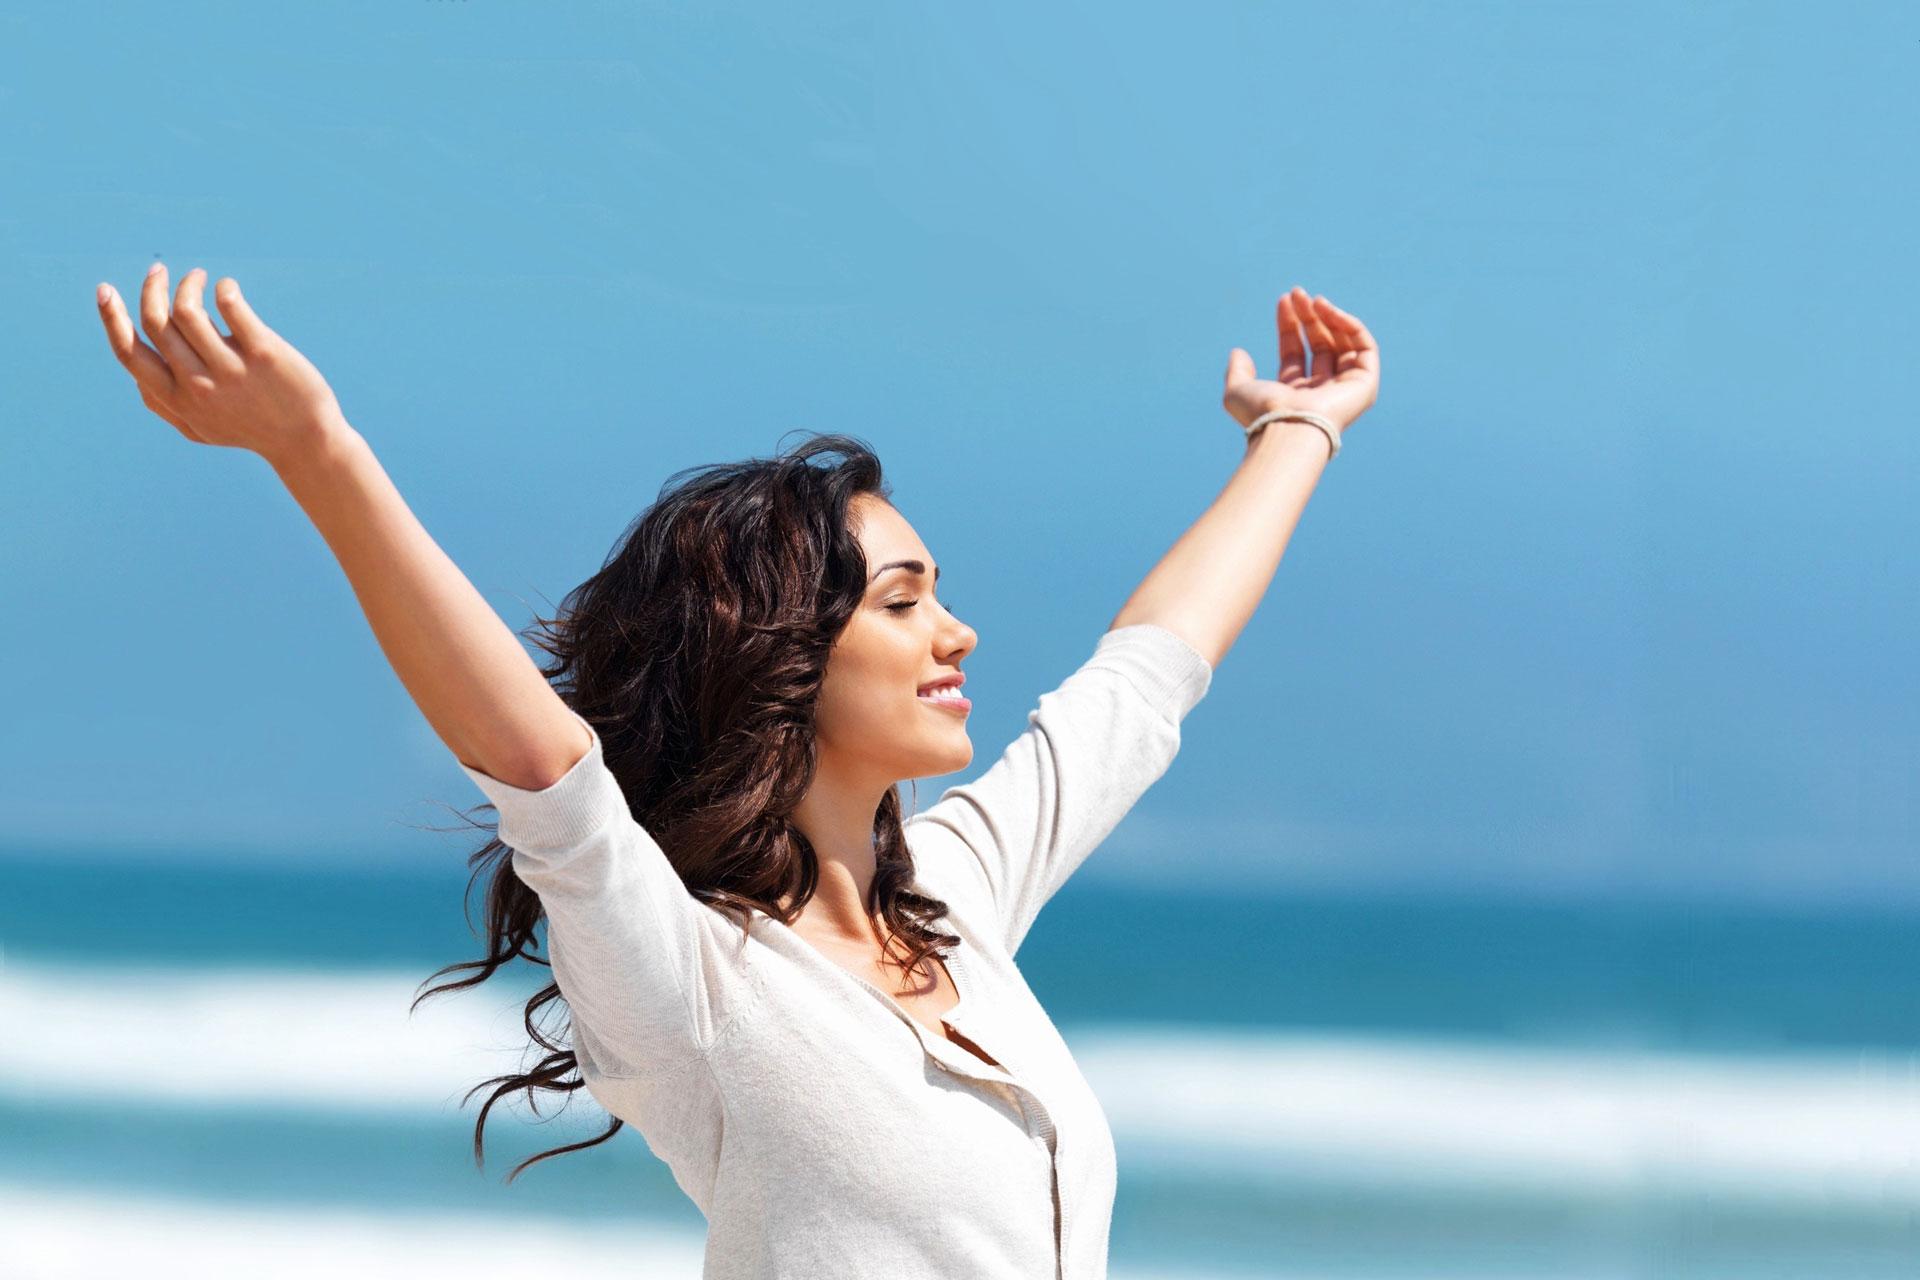 Как снять стресс и нервное напряжение: медитация и расслабление